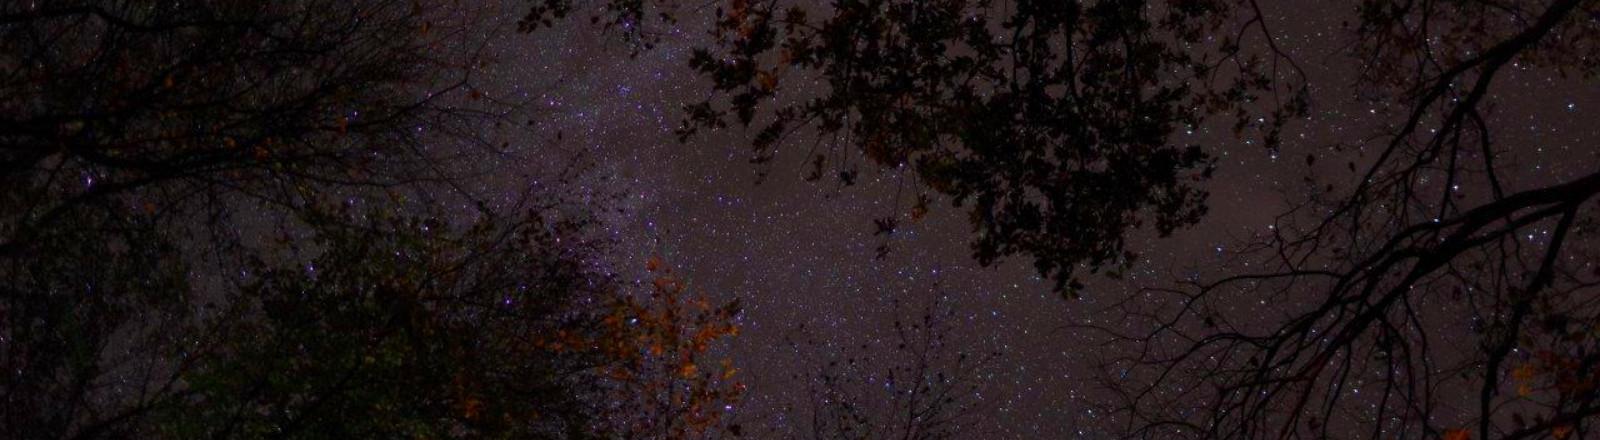 Sternenhimmel über Mitteleuropa